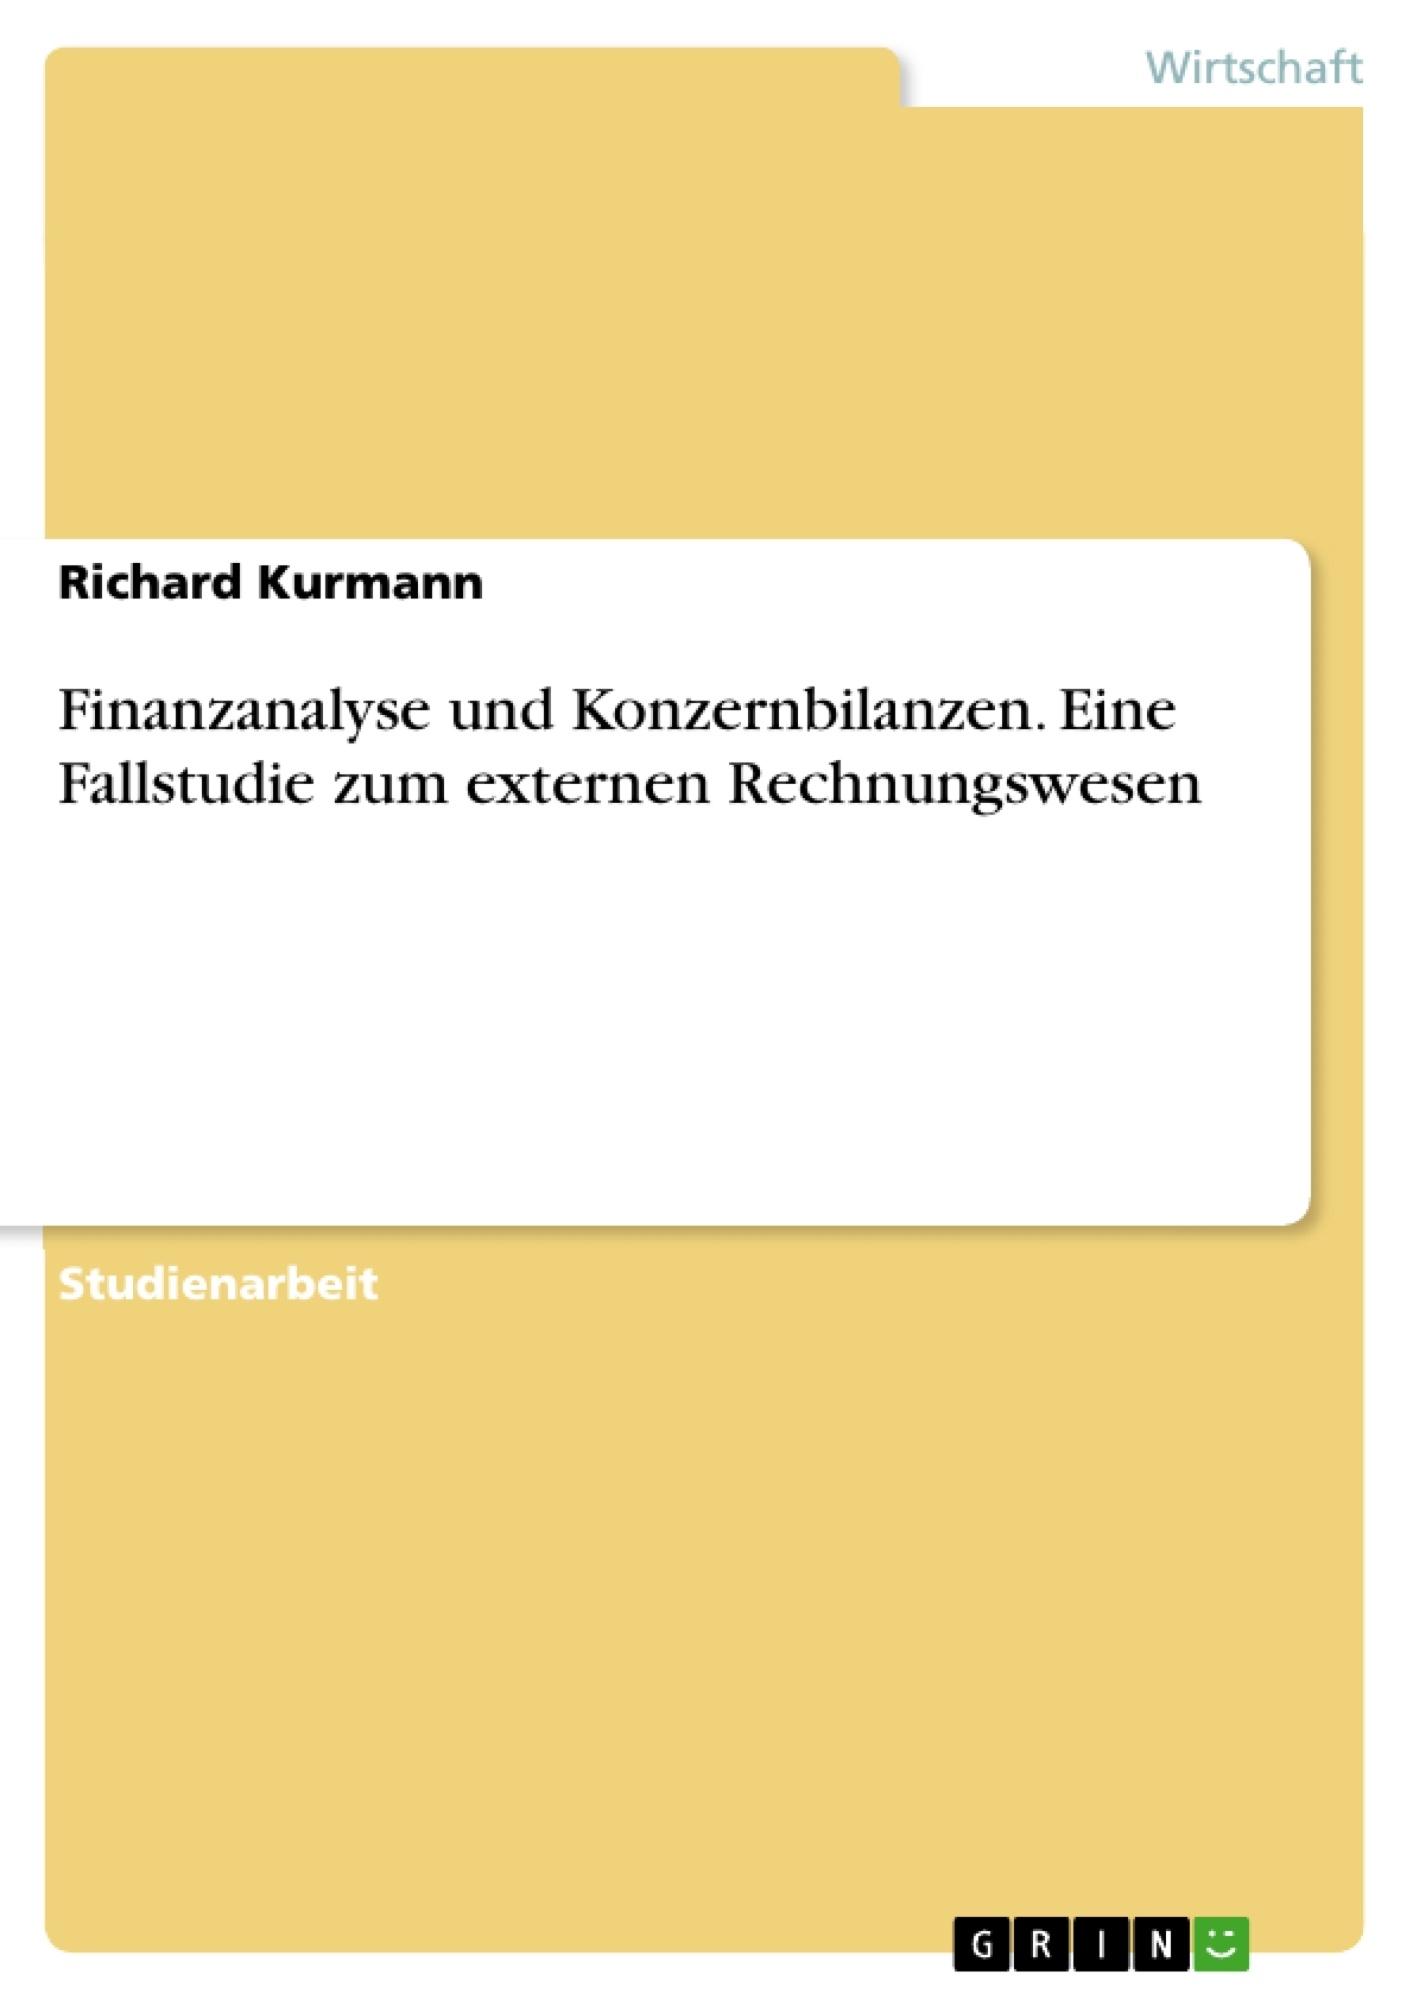 Titel: Finanzanalyse und Konzernbilanzen. Eine Fallstudie zum externen Rechnungswesen